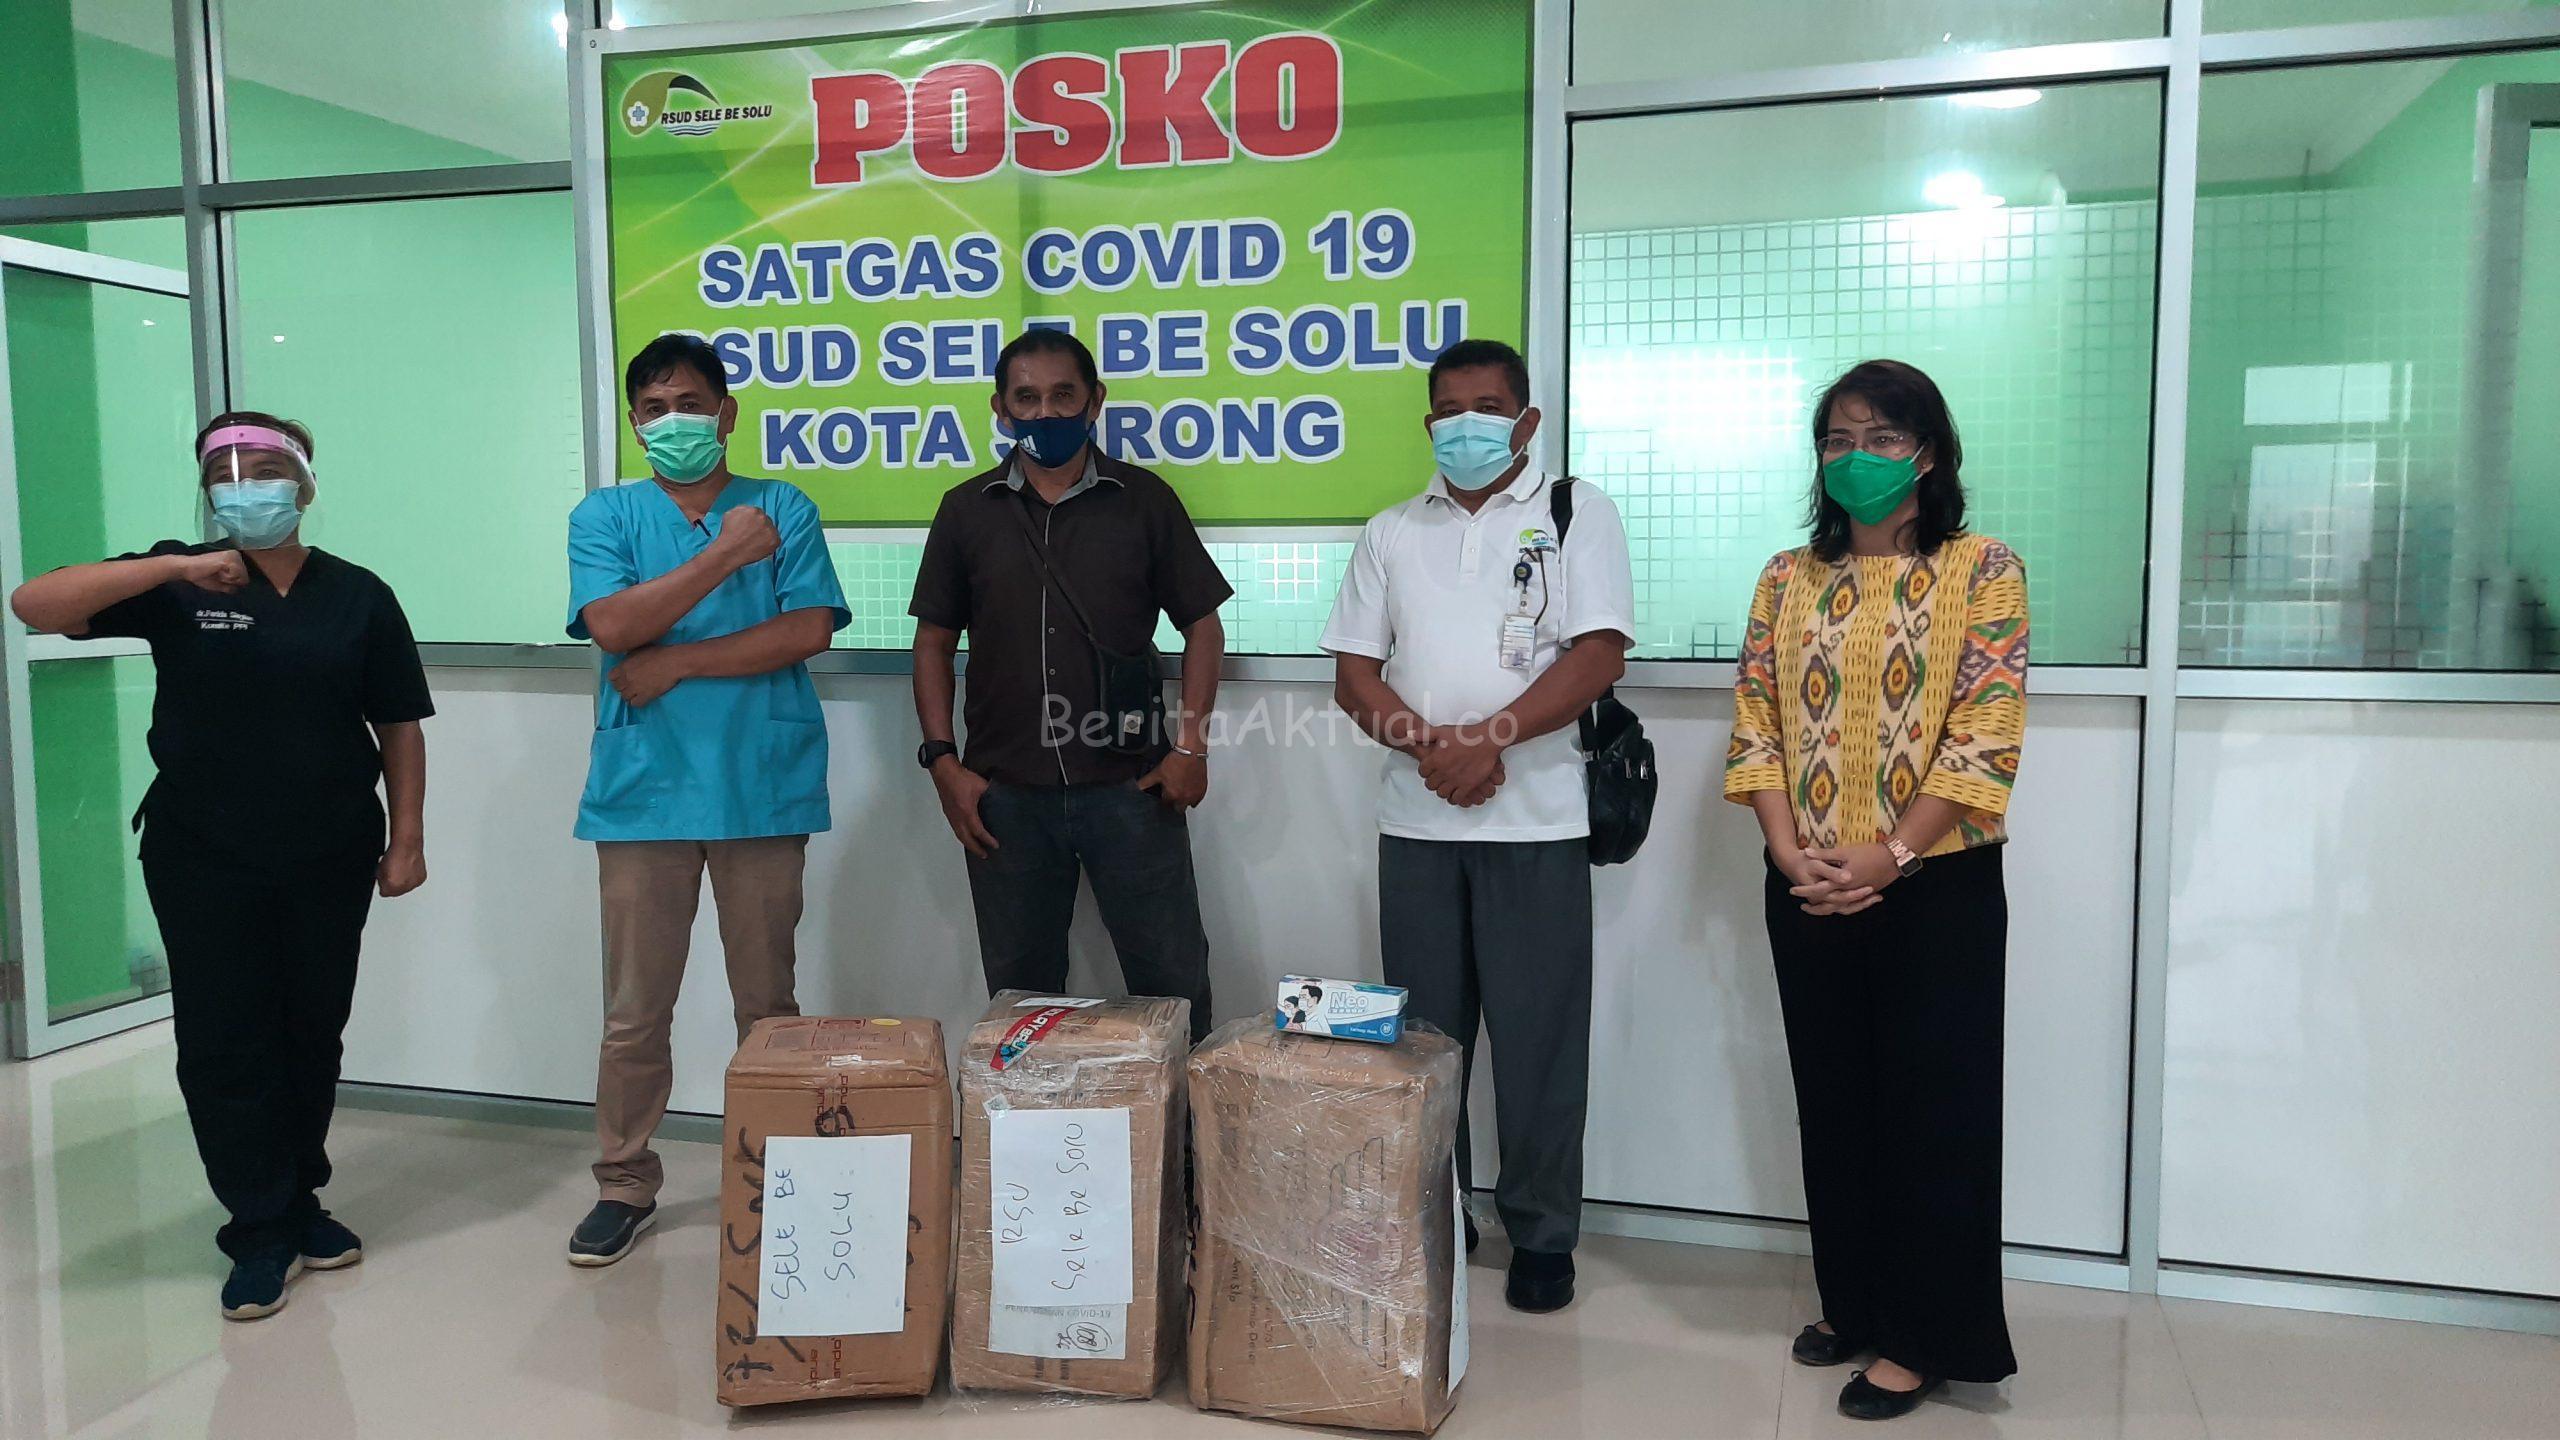 Ribuan APD Dari Robert Kardinal Untuk Tiga RS di Sorong Papua Barat di Distribusikan 3 20200703 150727 scaled